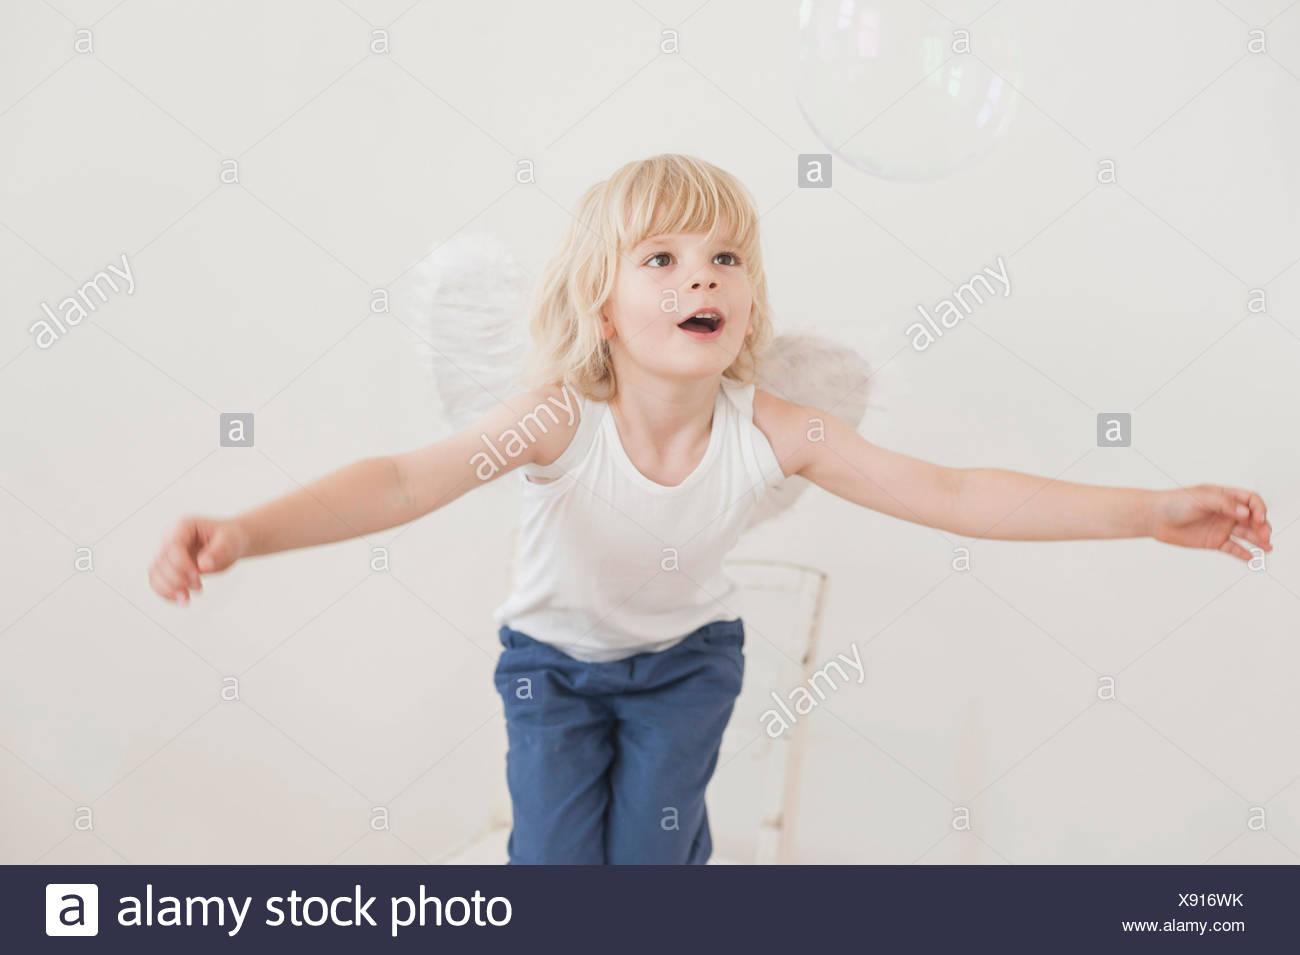 Portrait de petit garçon béant avec angle ailes regardant une bulle de savon Photo Stock